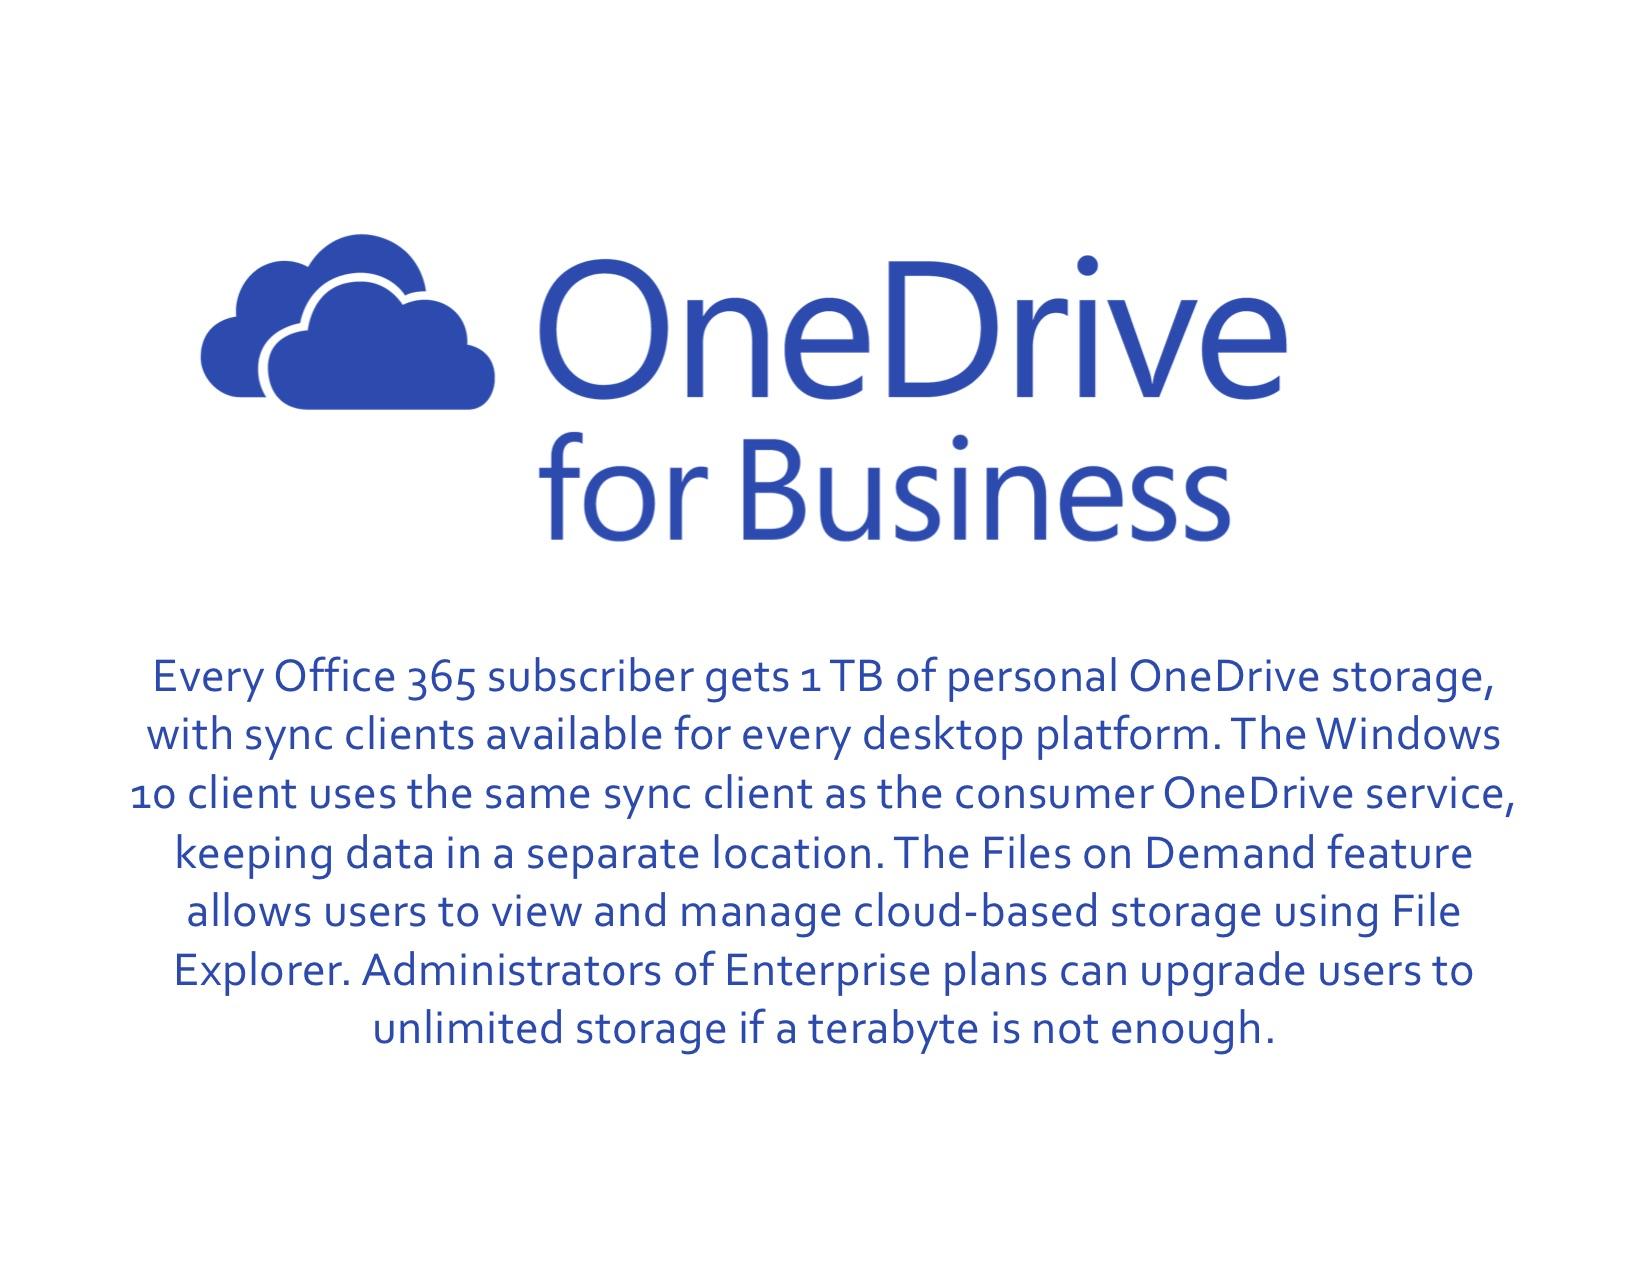 OneDrive for Business.jpg